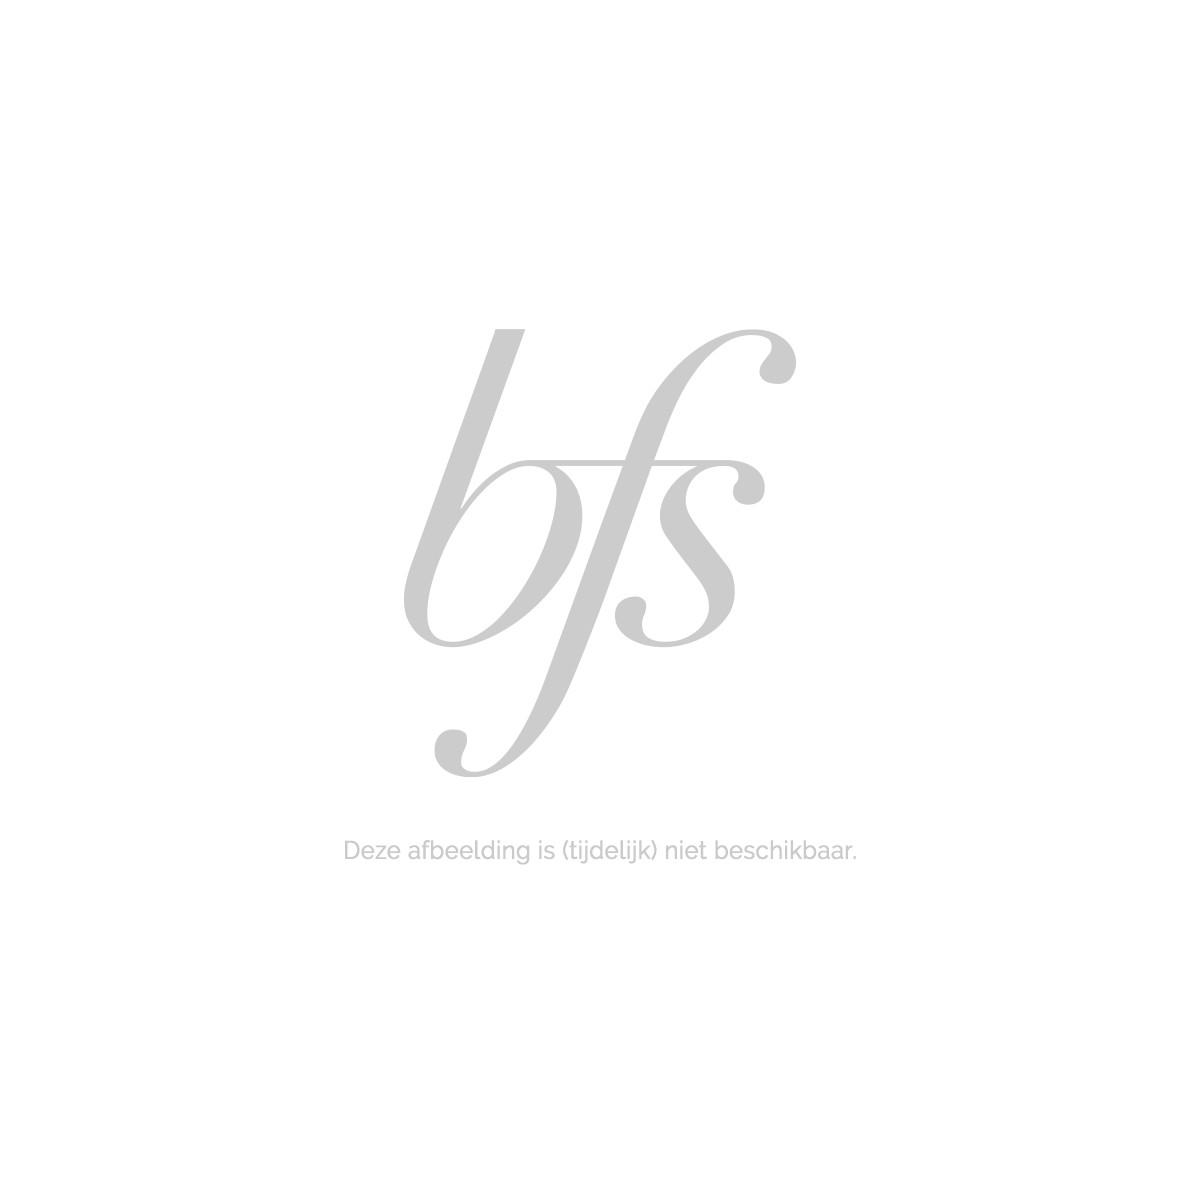 Dutchess of Beauty Eyelash Serum Premium